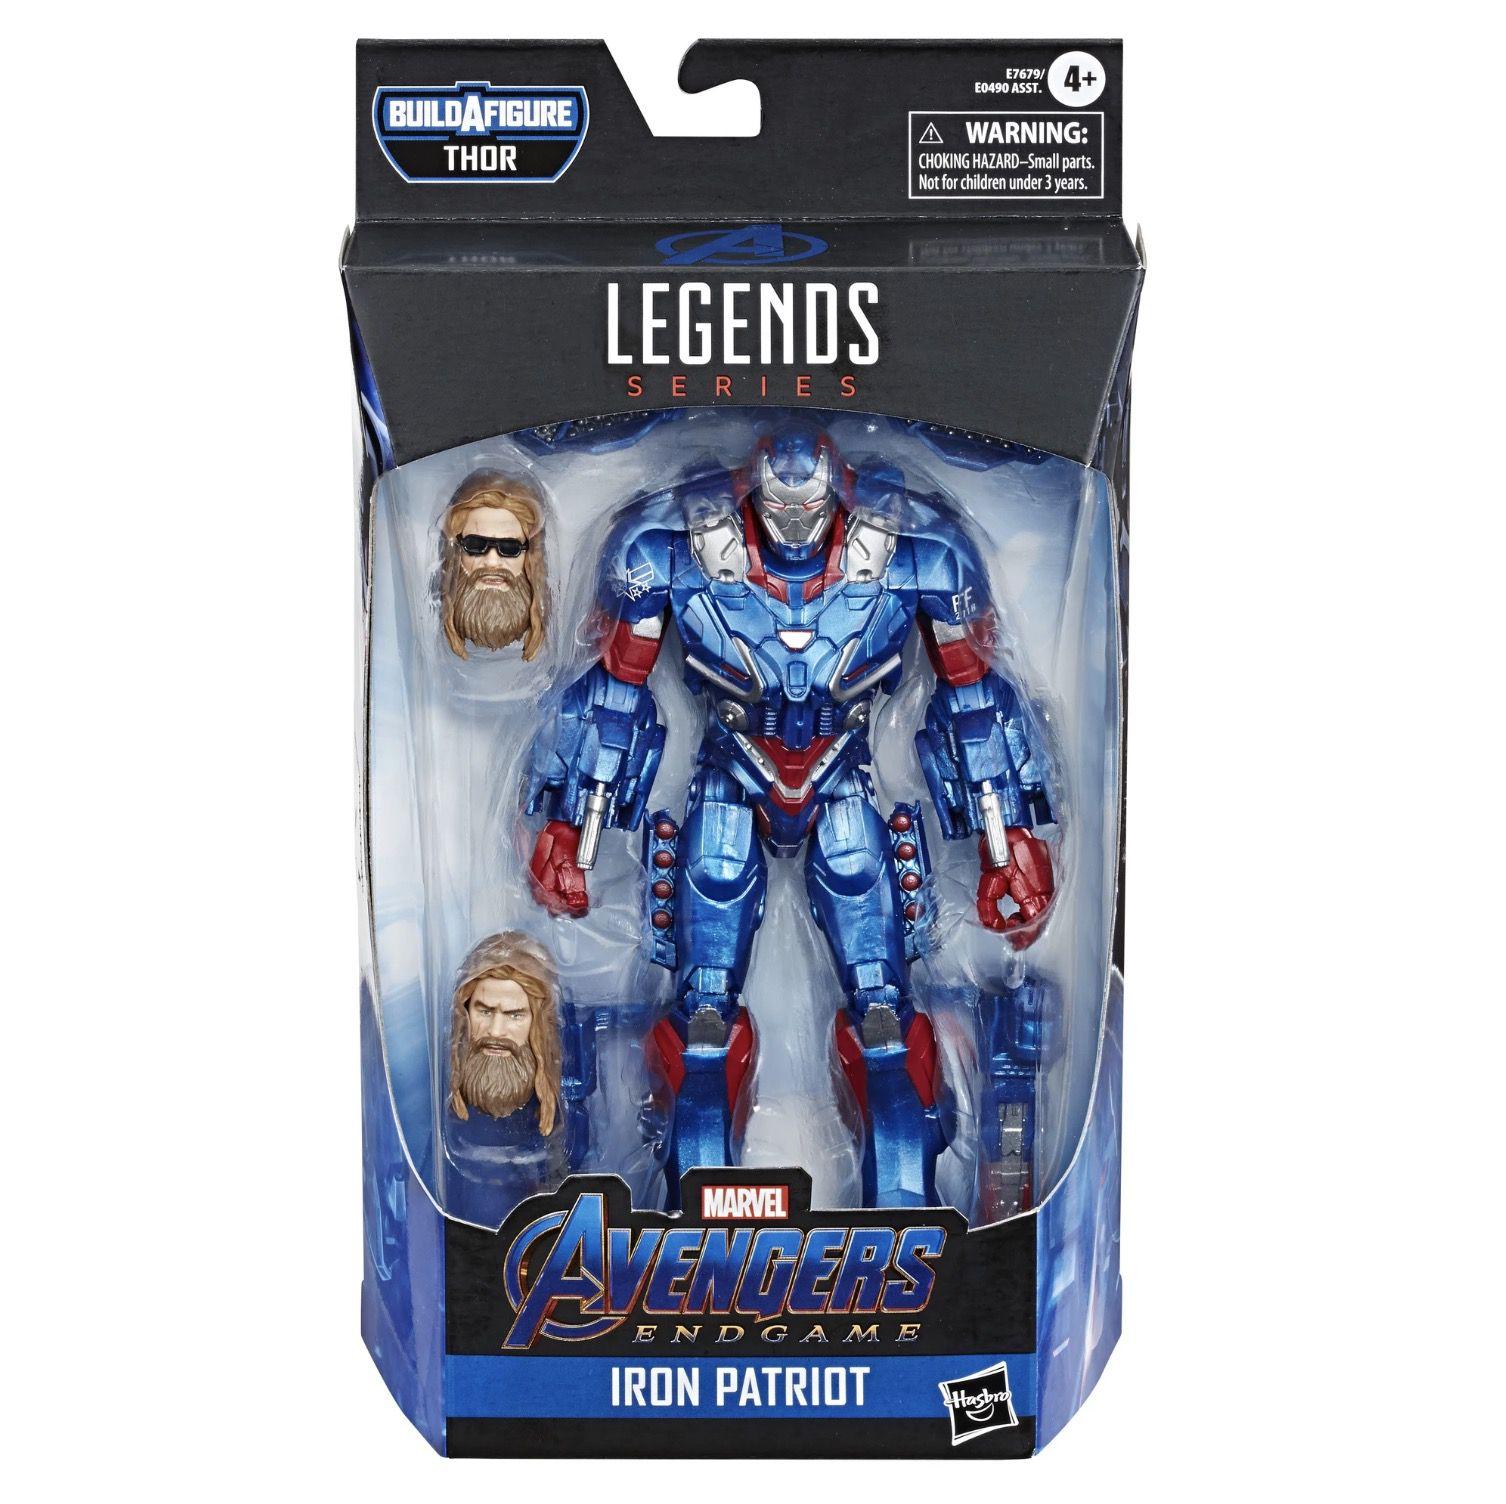 Marvel Legends Series Avengers: Endgame Iron Patriot